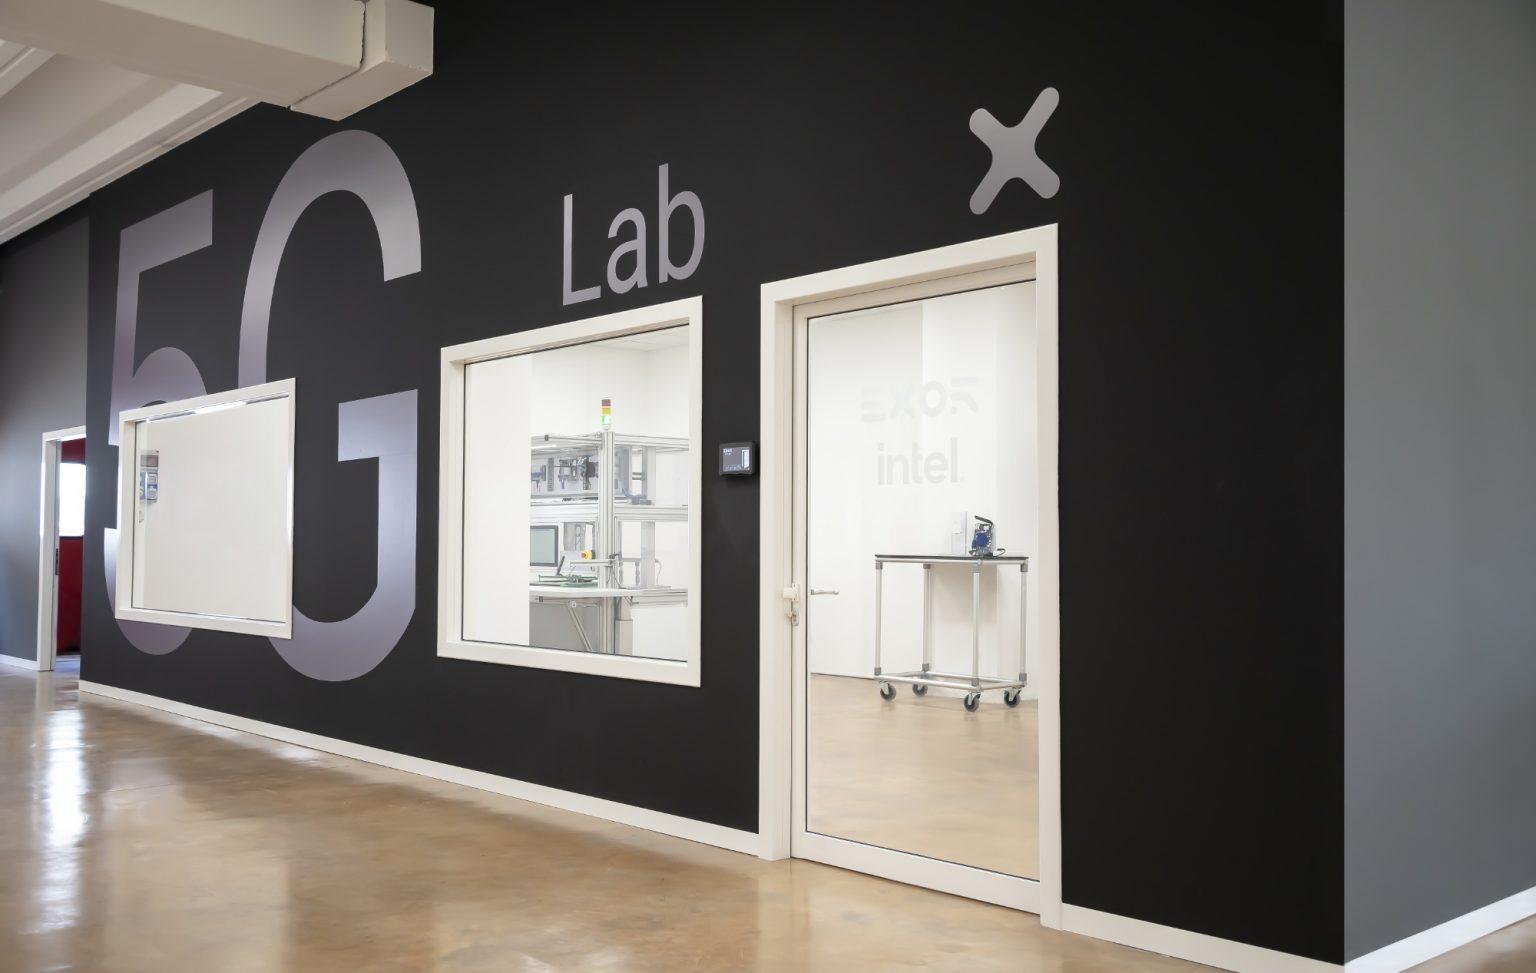 شرکت اینتل کارخانه هوشمند بر بستر 5G احداث میکند تا ثابت کند هوشمندسازی و دیجیتال کردن در هر ابعادی انجام پذیر است.